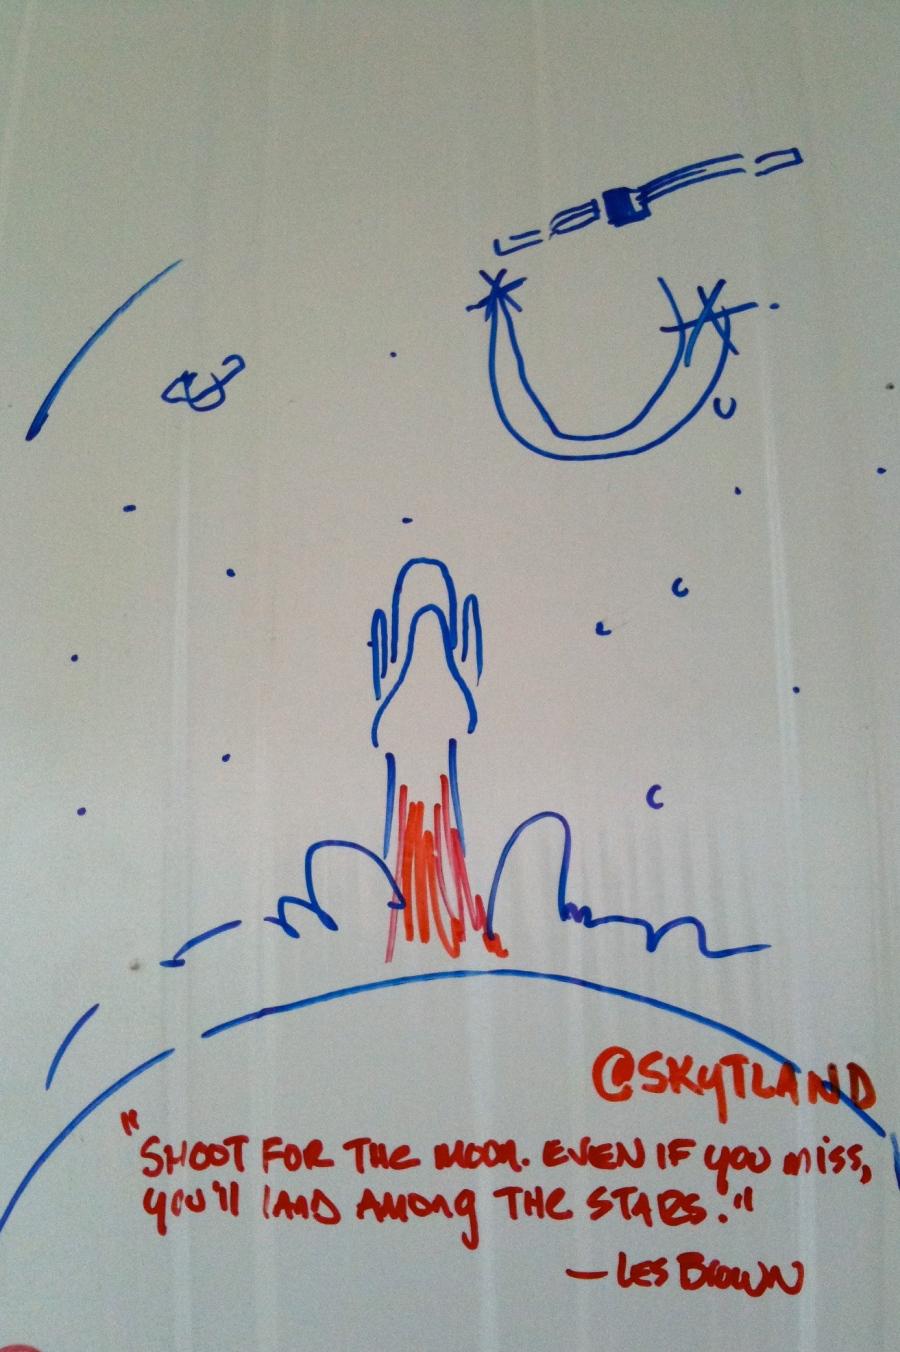 @skytland's shuttle tire doodles